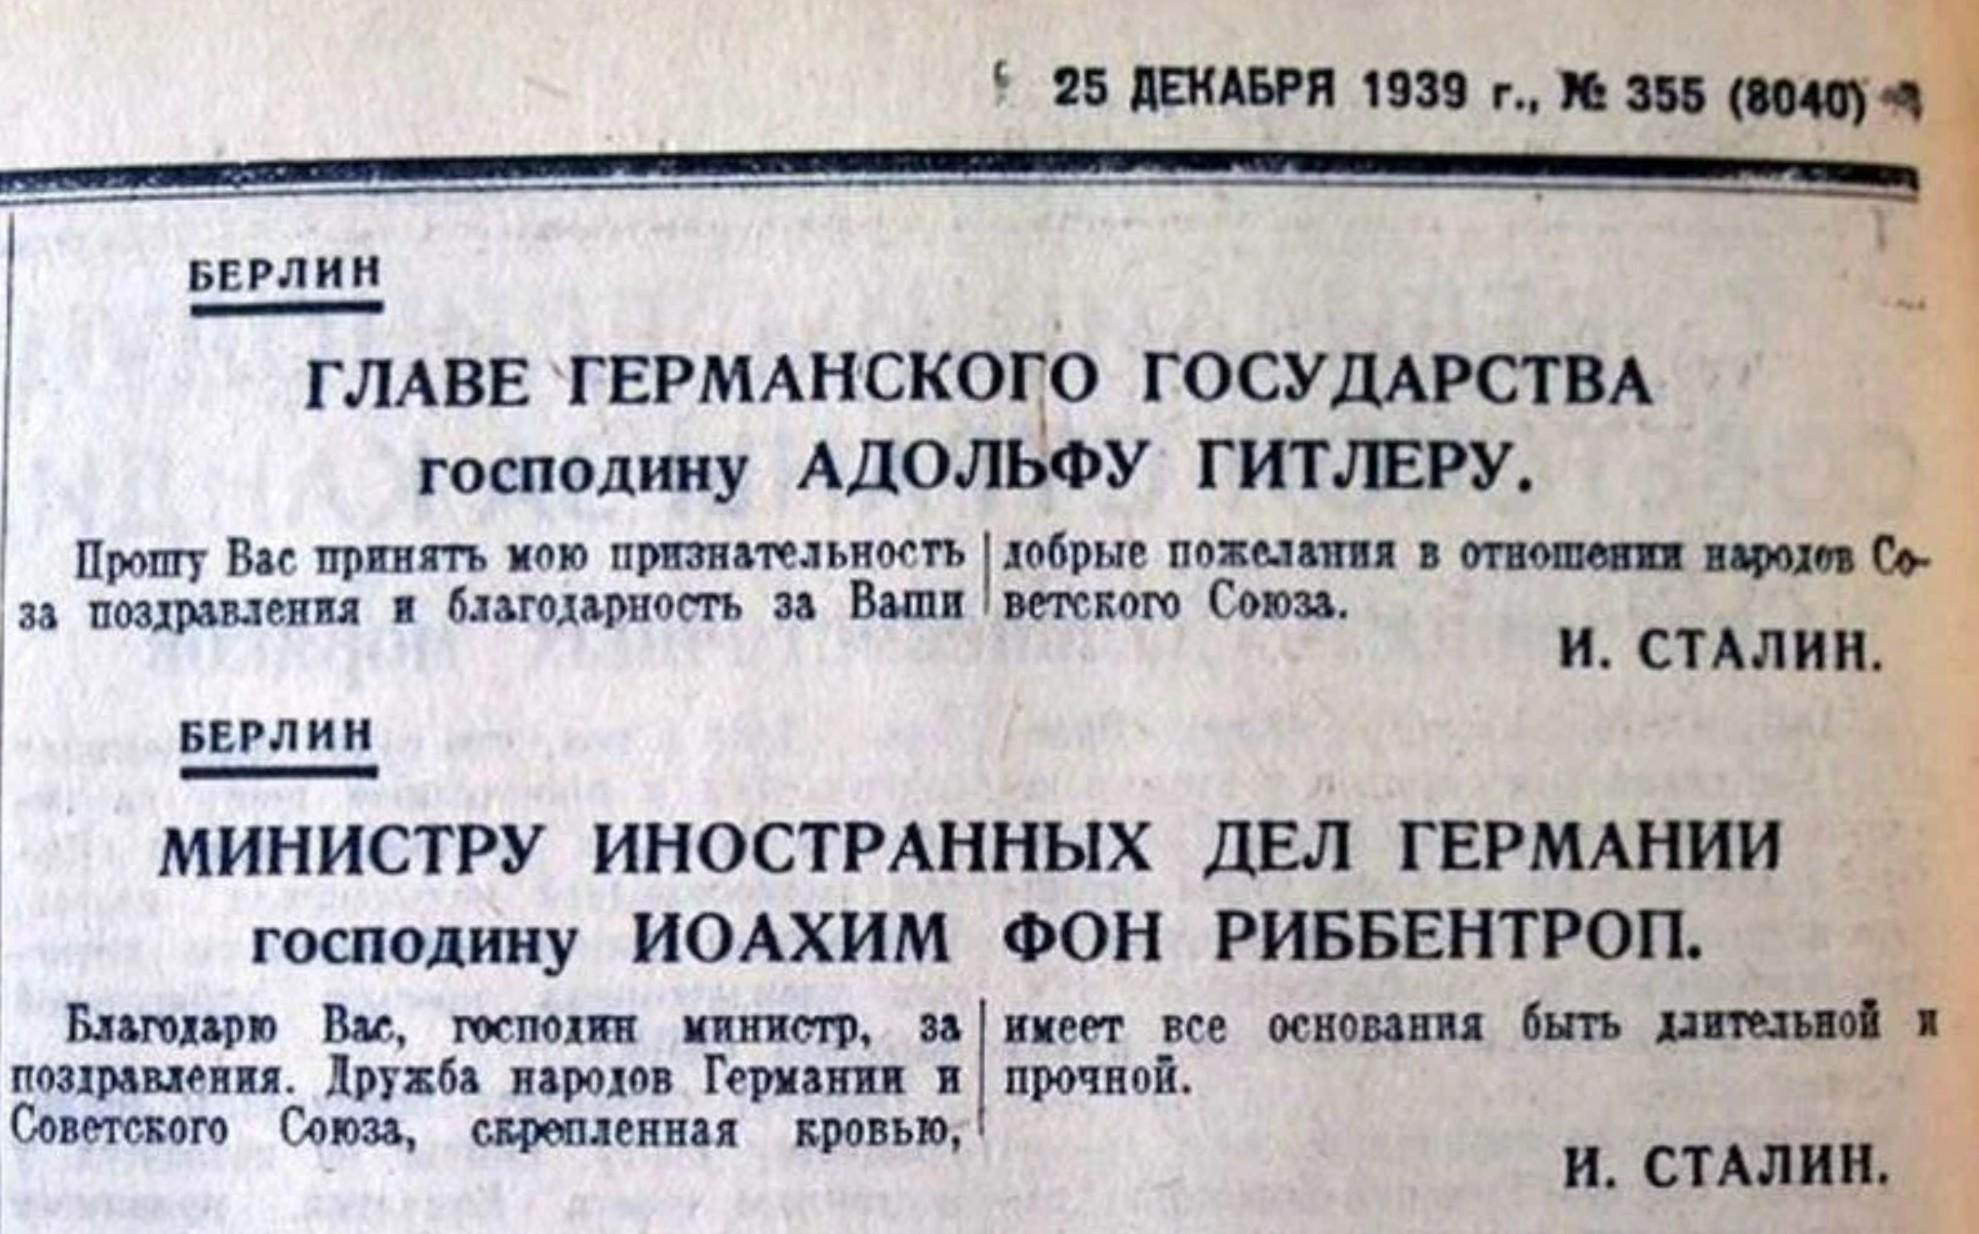 Фейковая цитата Гитлера и оправдание раздела Польши: 5 примеров неправды в статье Путина о Второй мировой войне